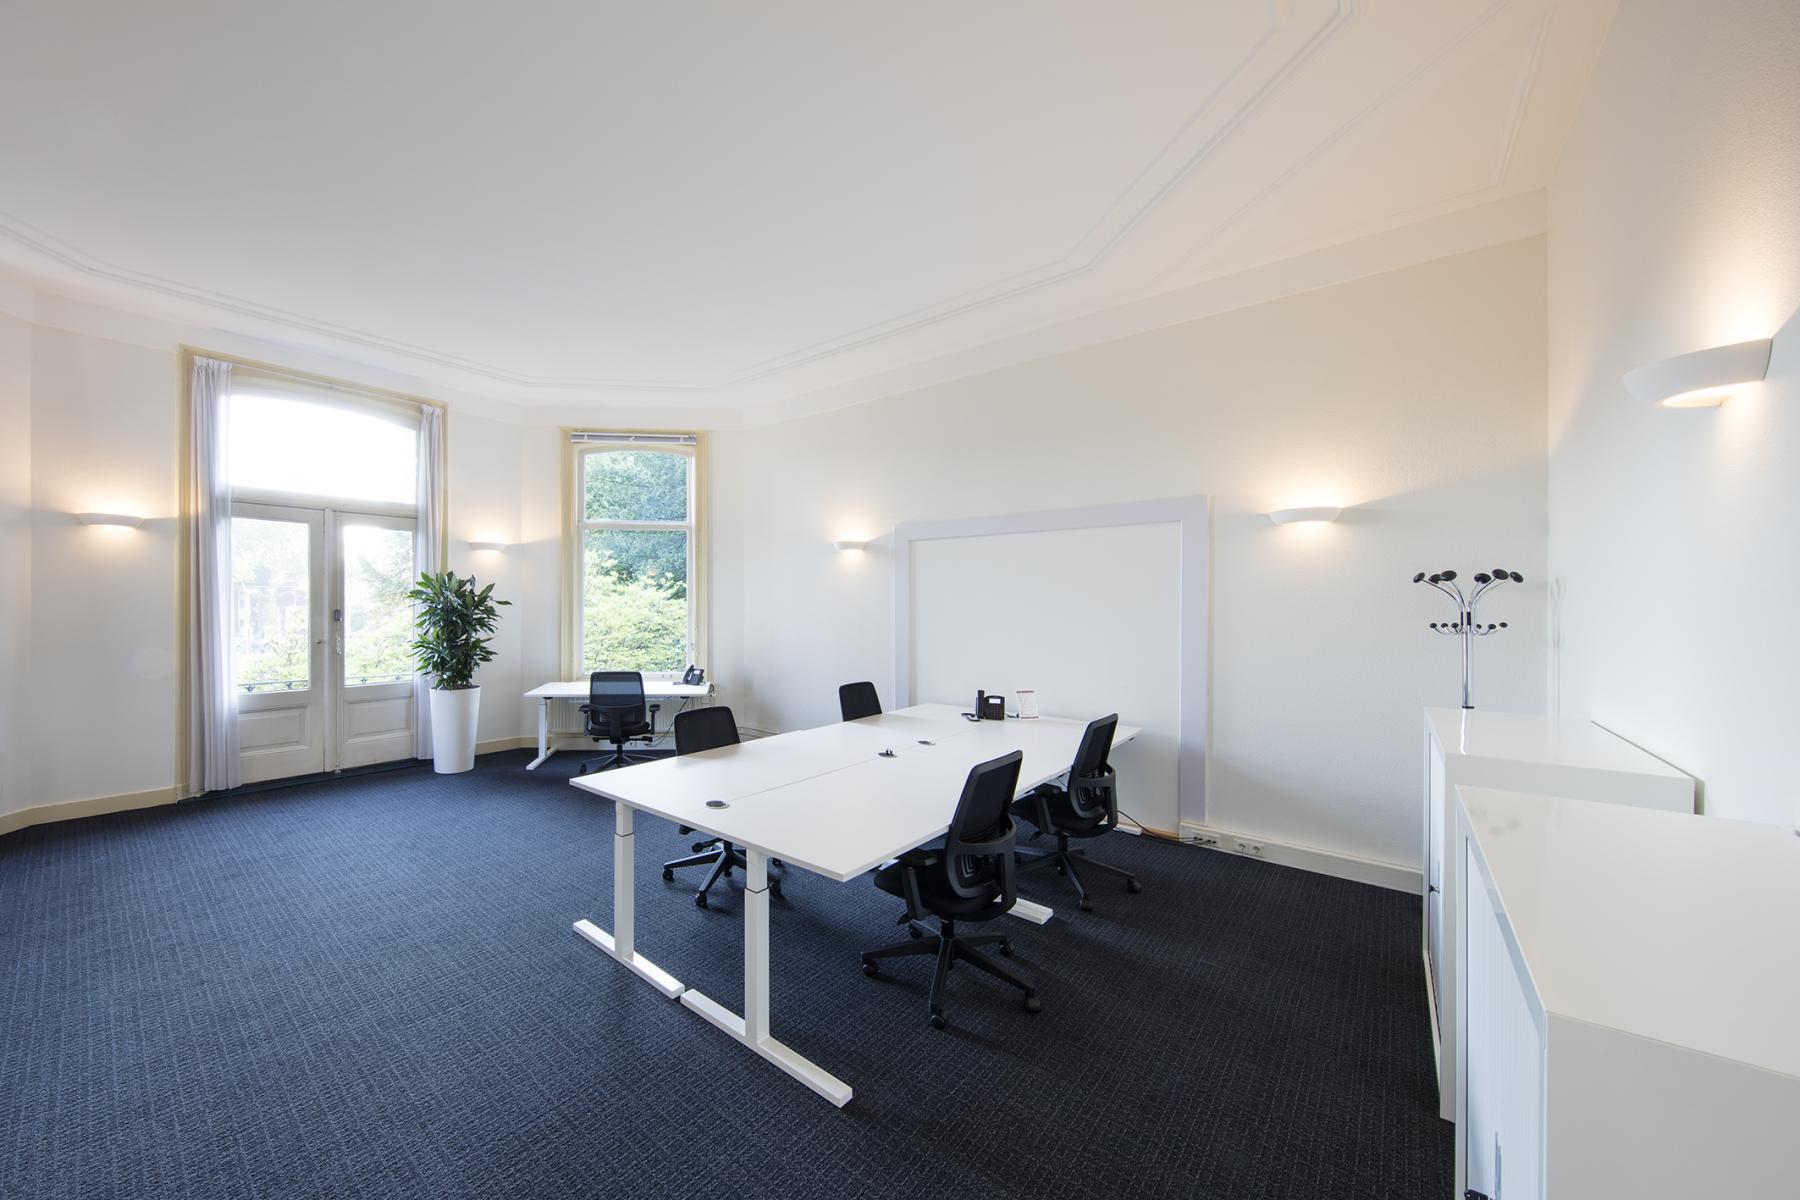 kantoorruimte te huur Utrecht